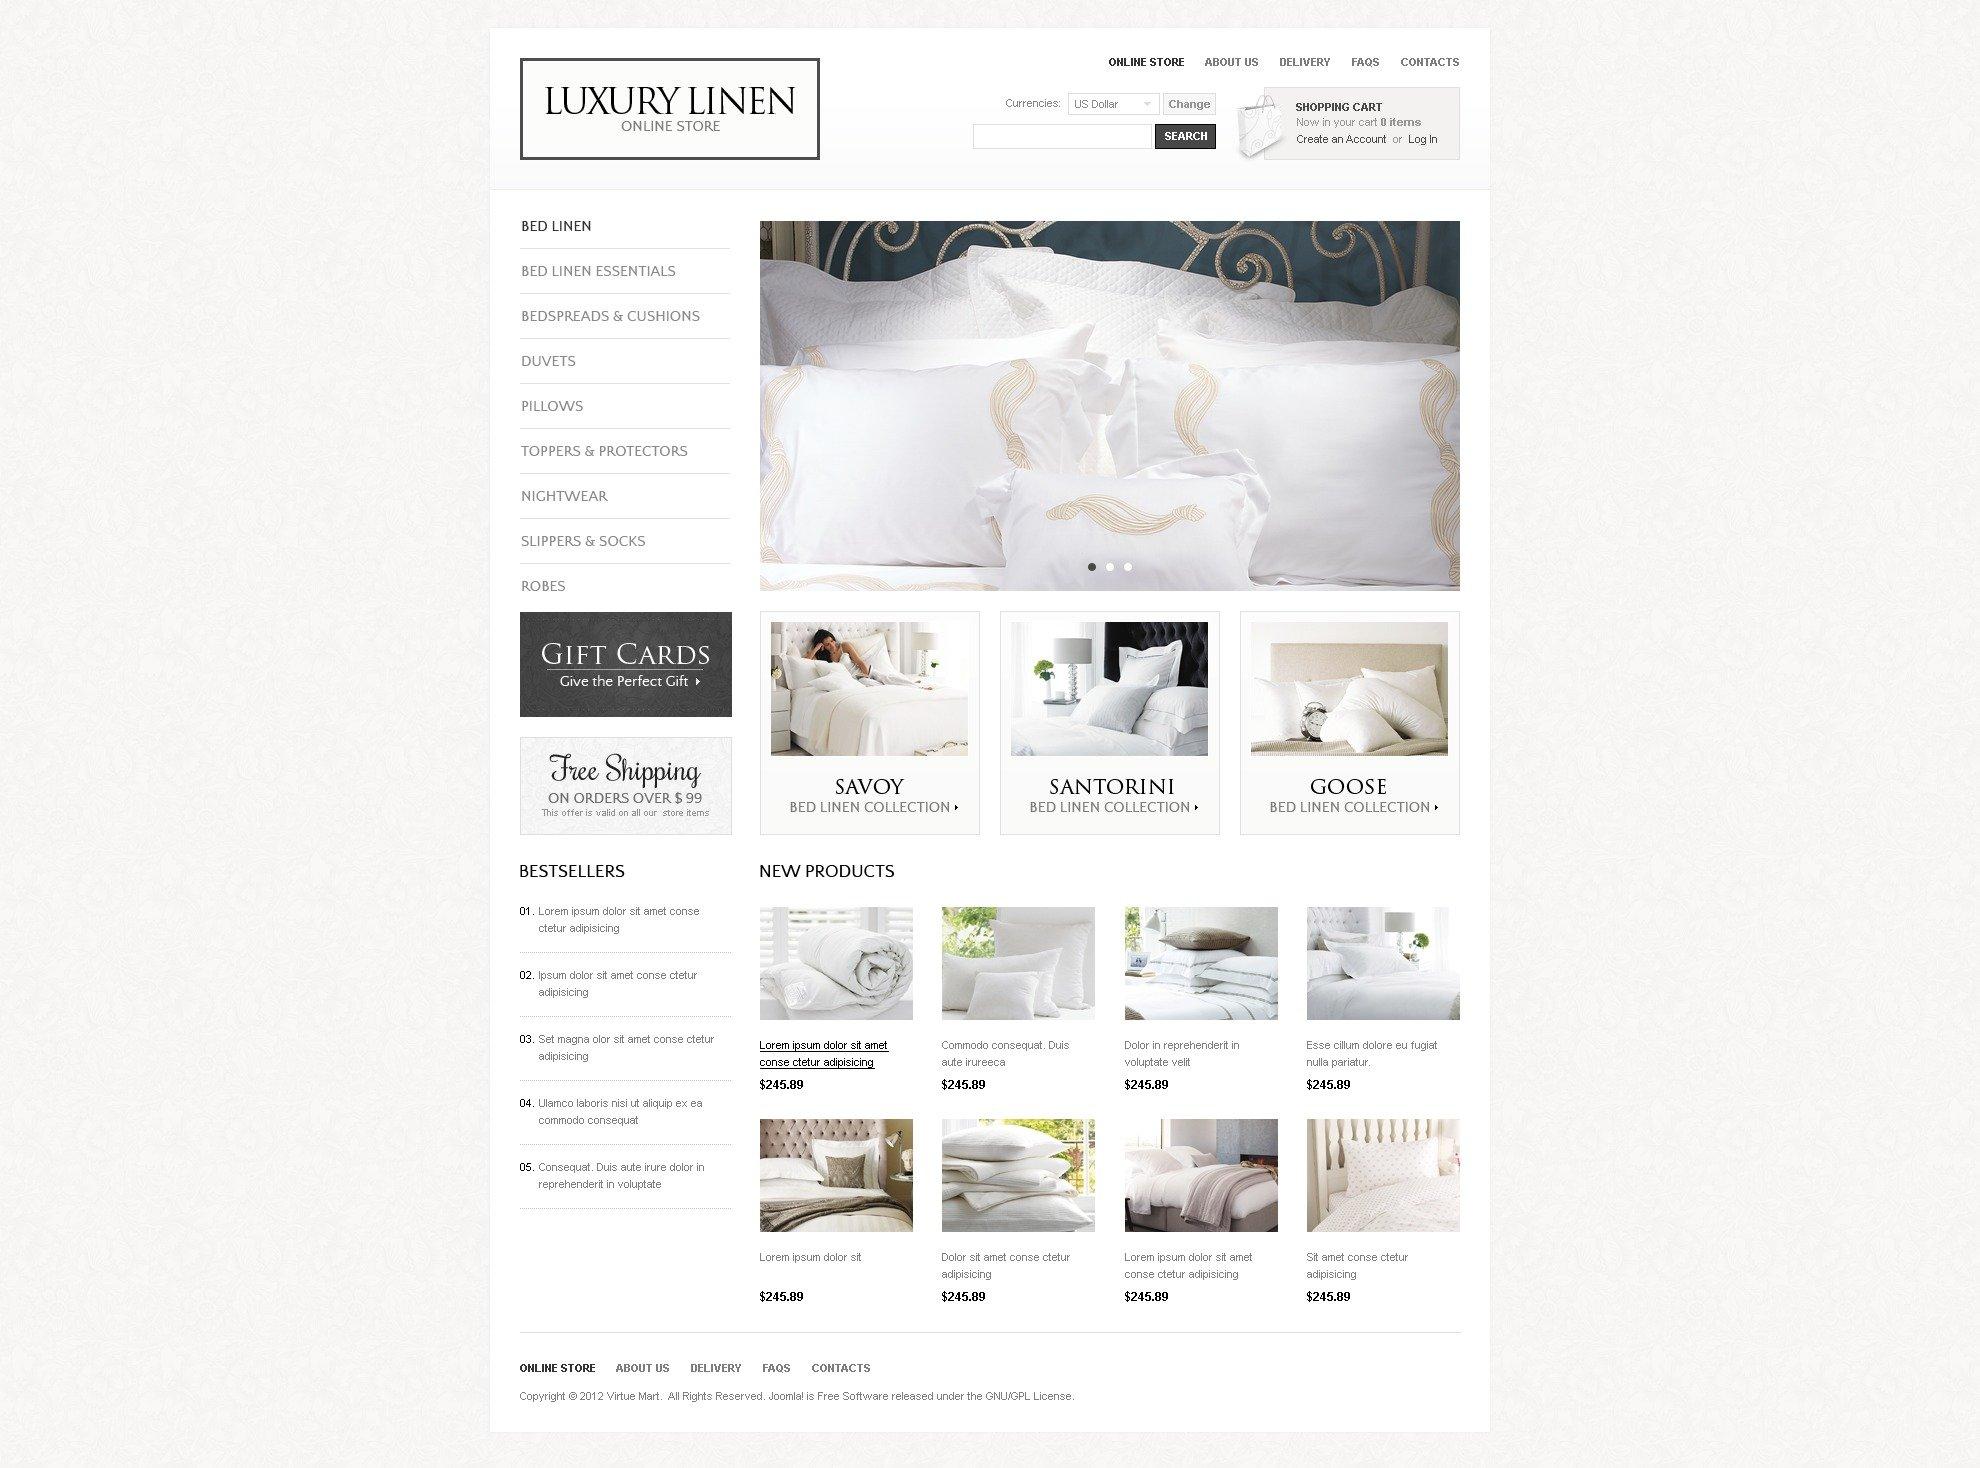 Luxury Linen VirtueMart Template